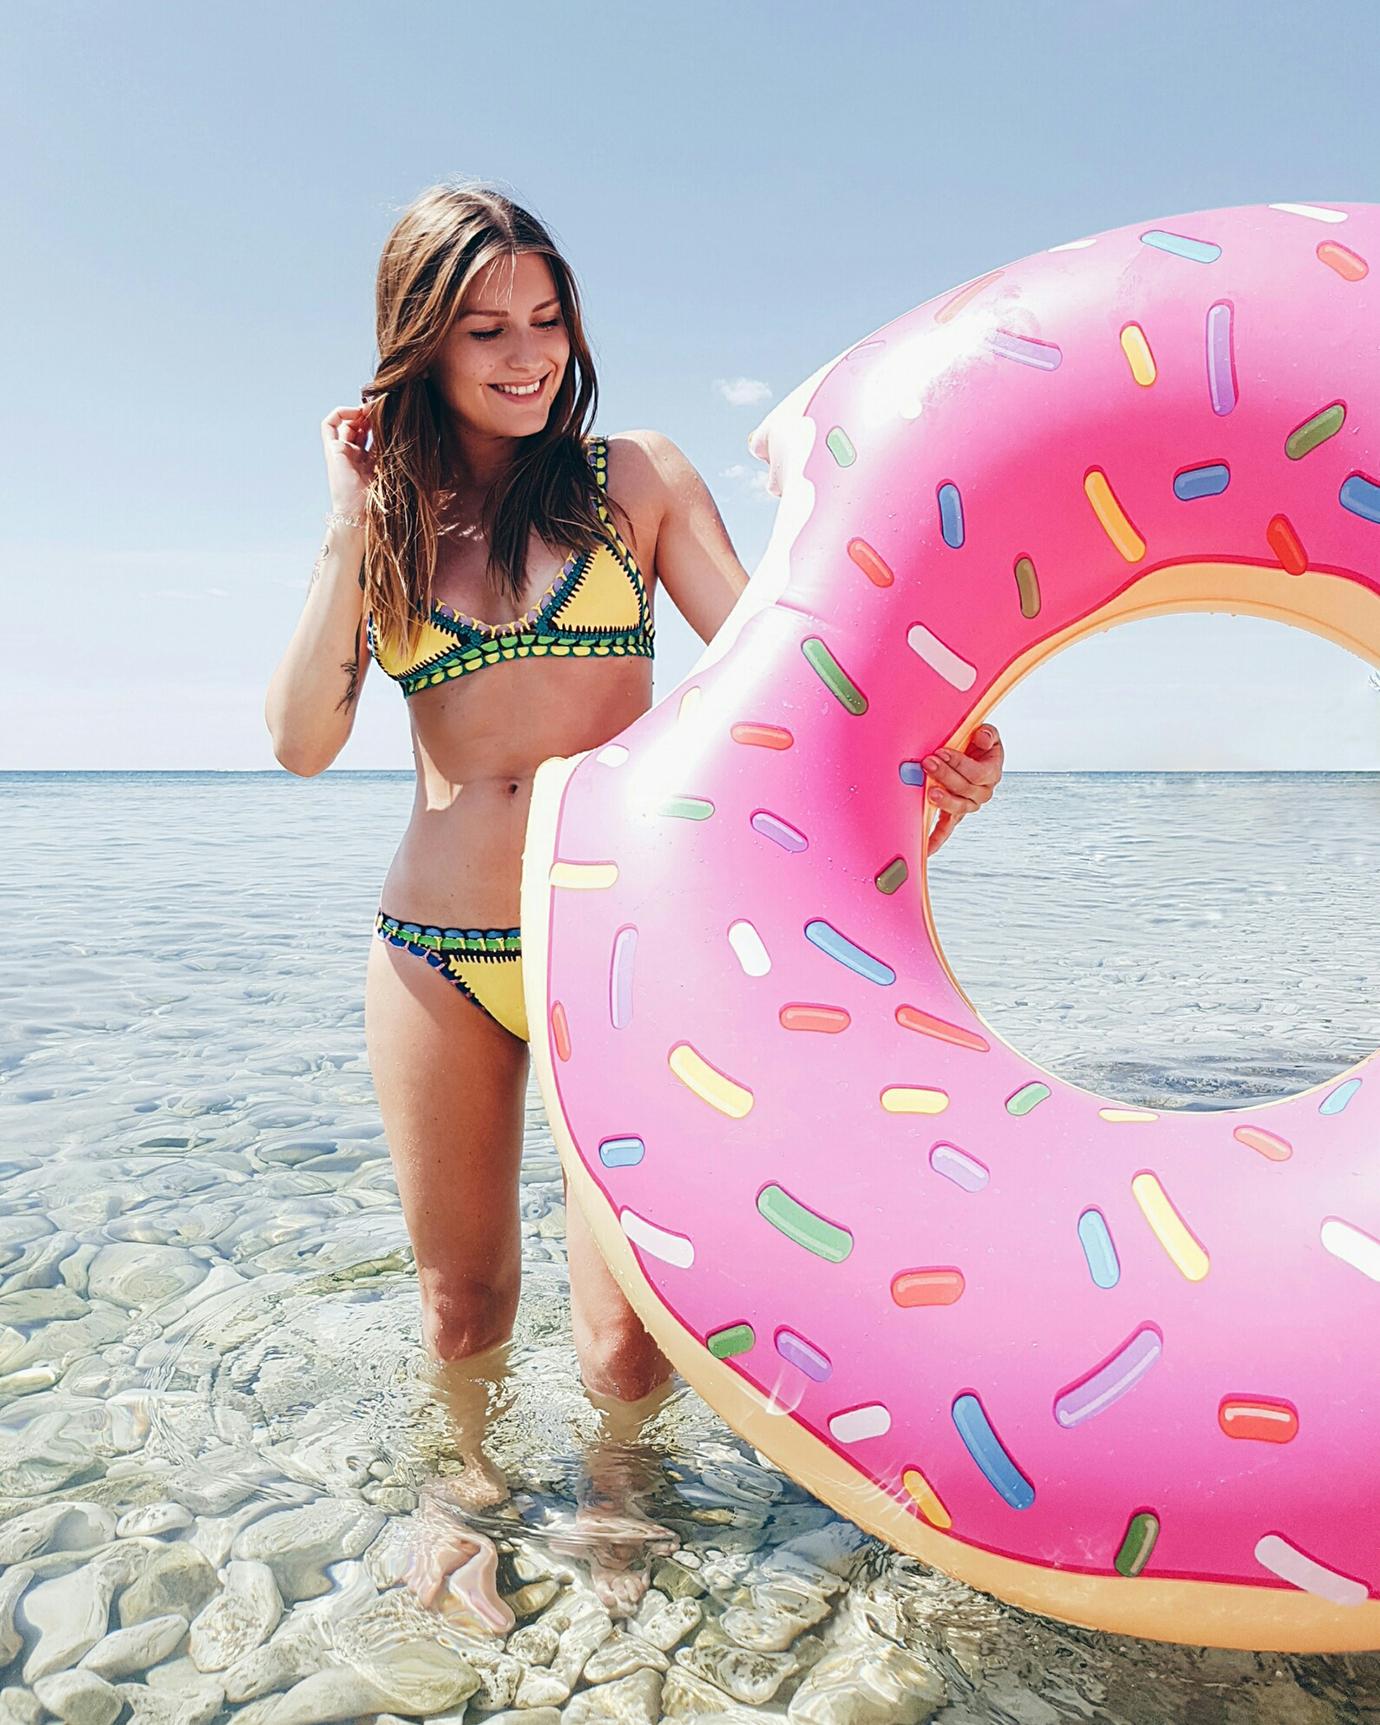 7things_30_beachbabe